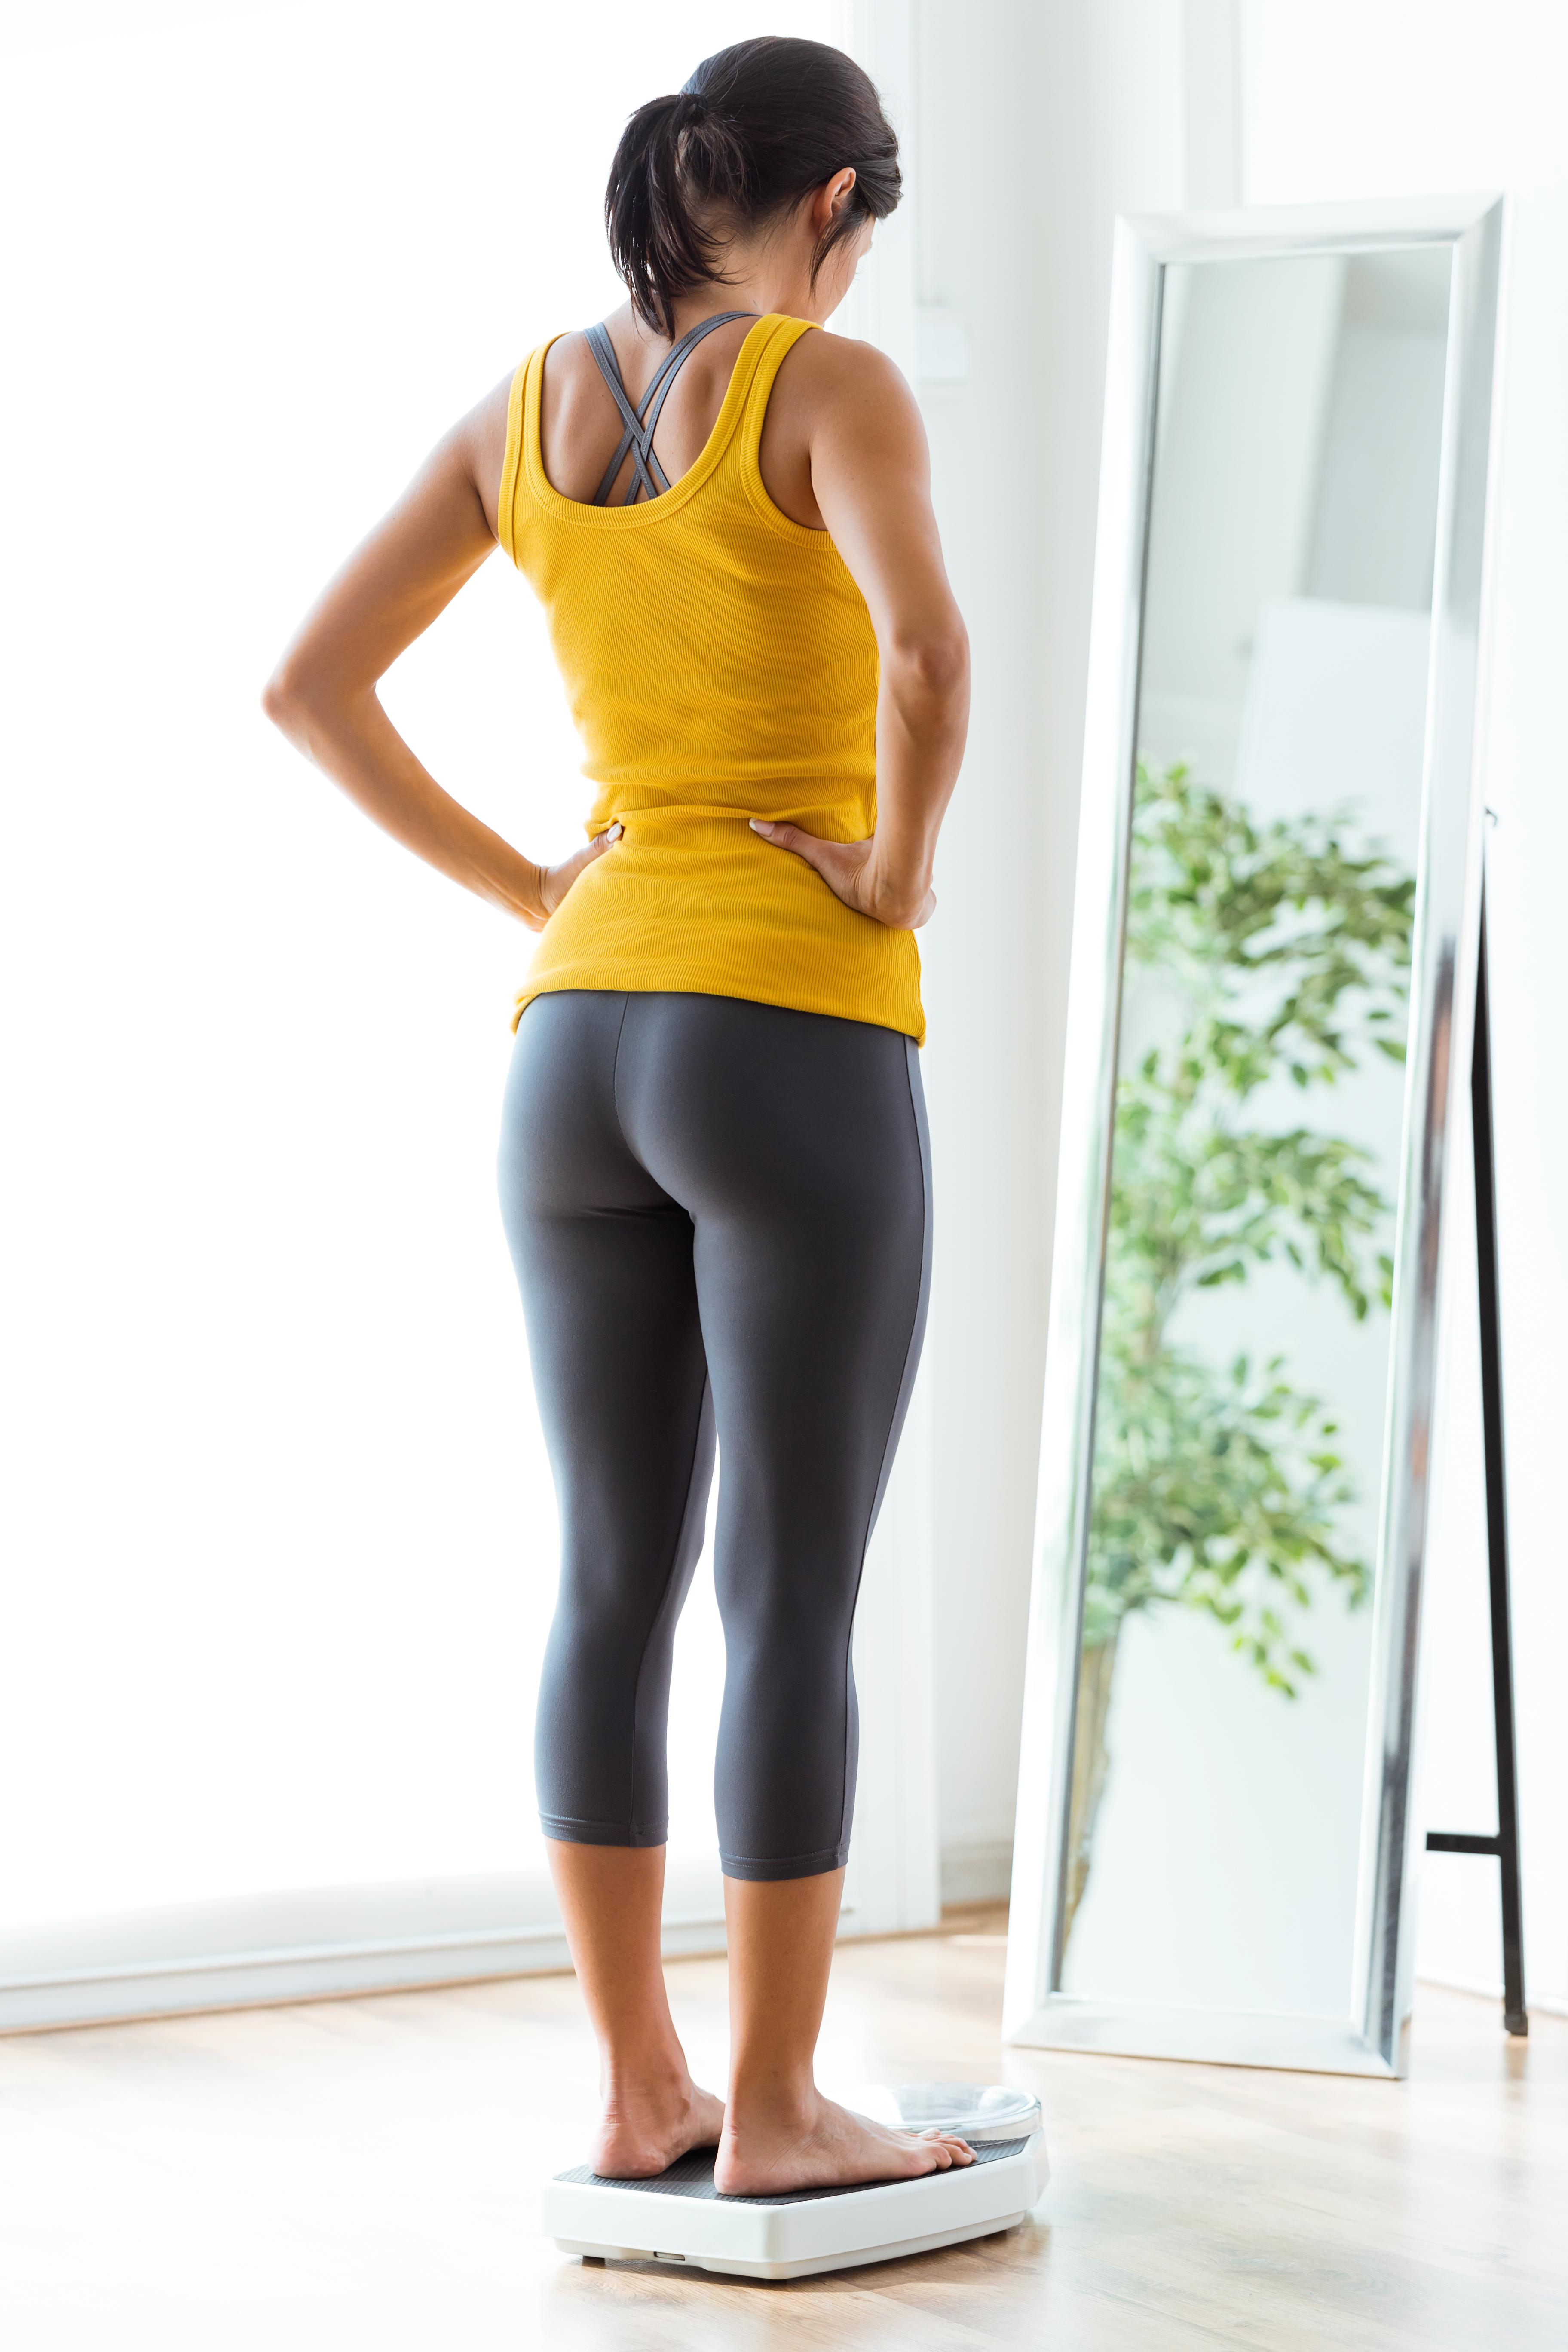 Dimagrire con la dieta iperproteica